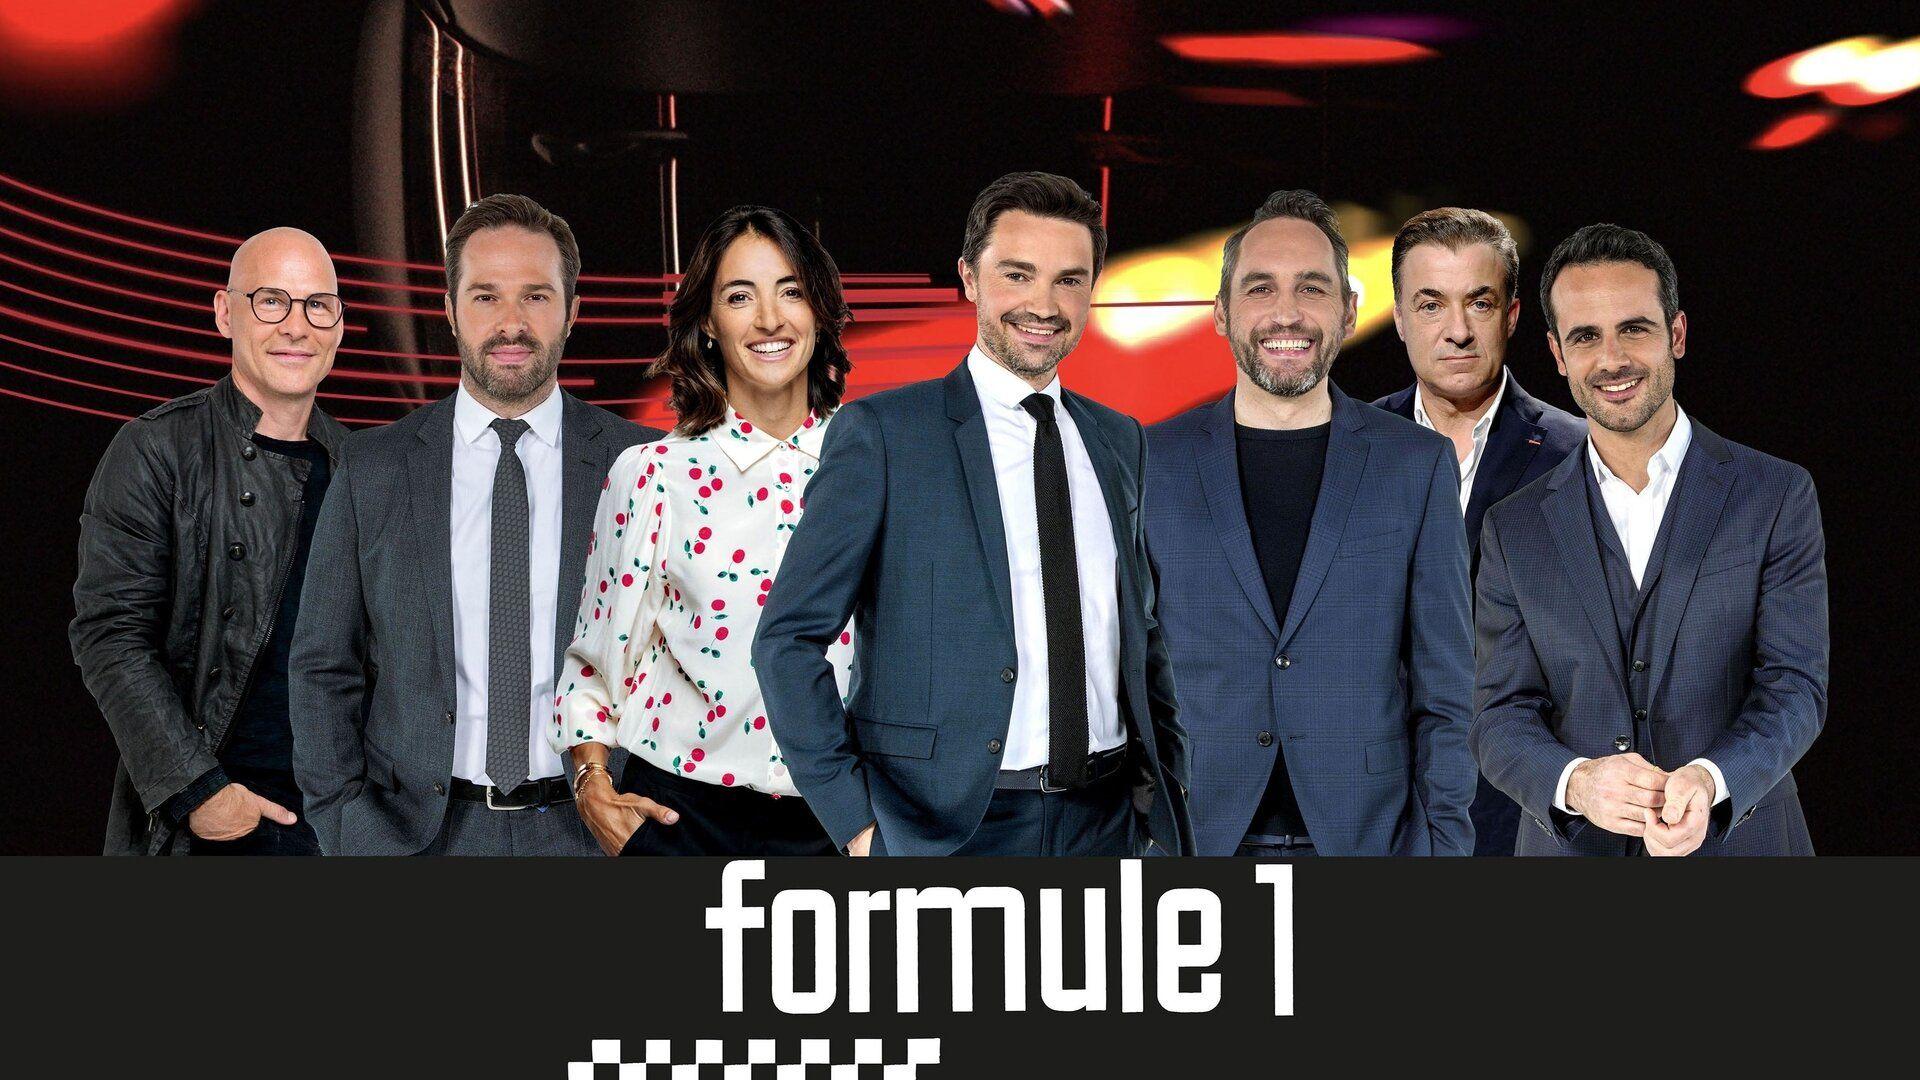 Formula one, le mag du 23/05